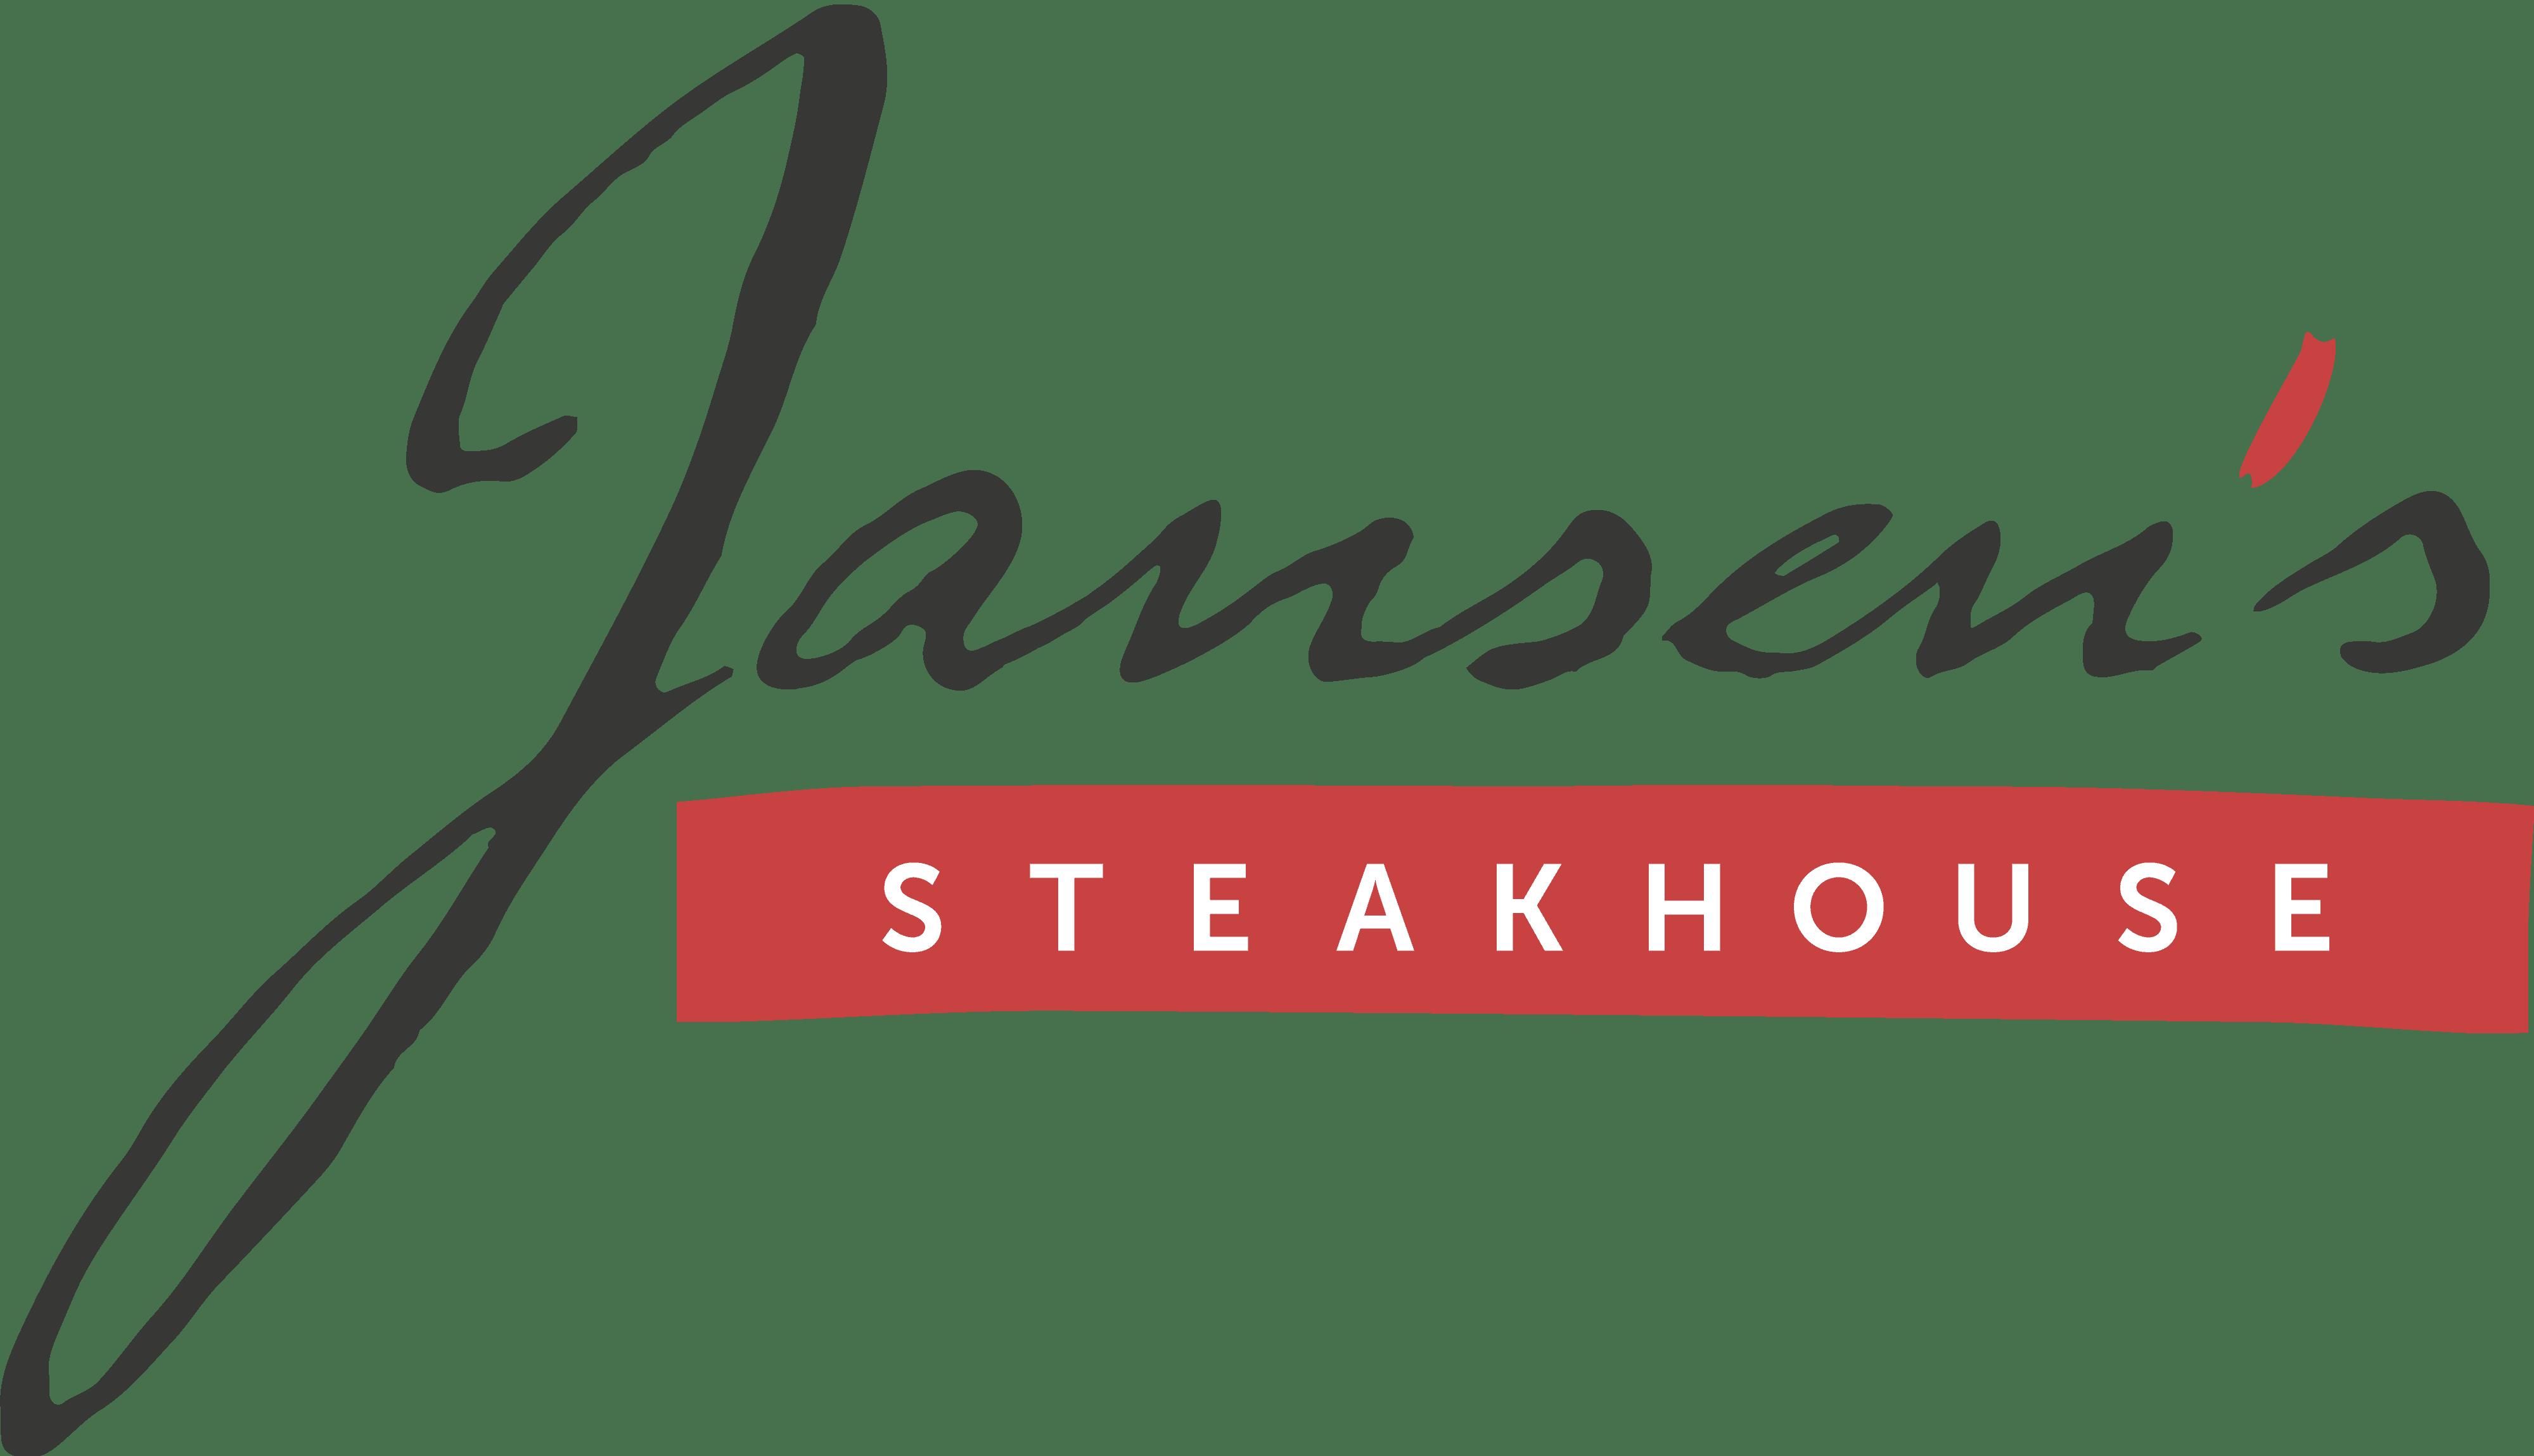 JANSEN'S STEAKHOUSE  |  Die besten Steaks in Passau